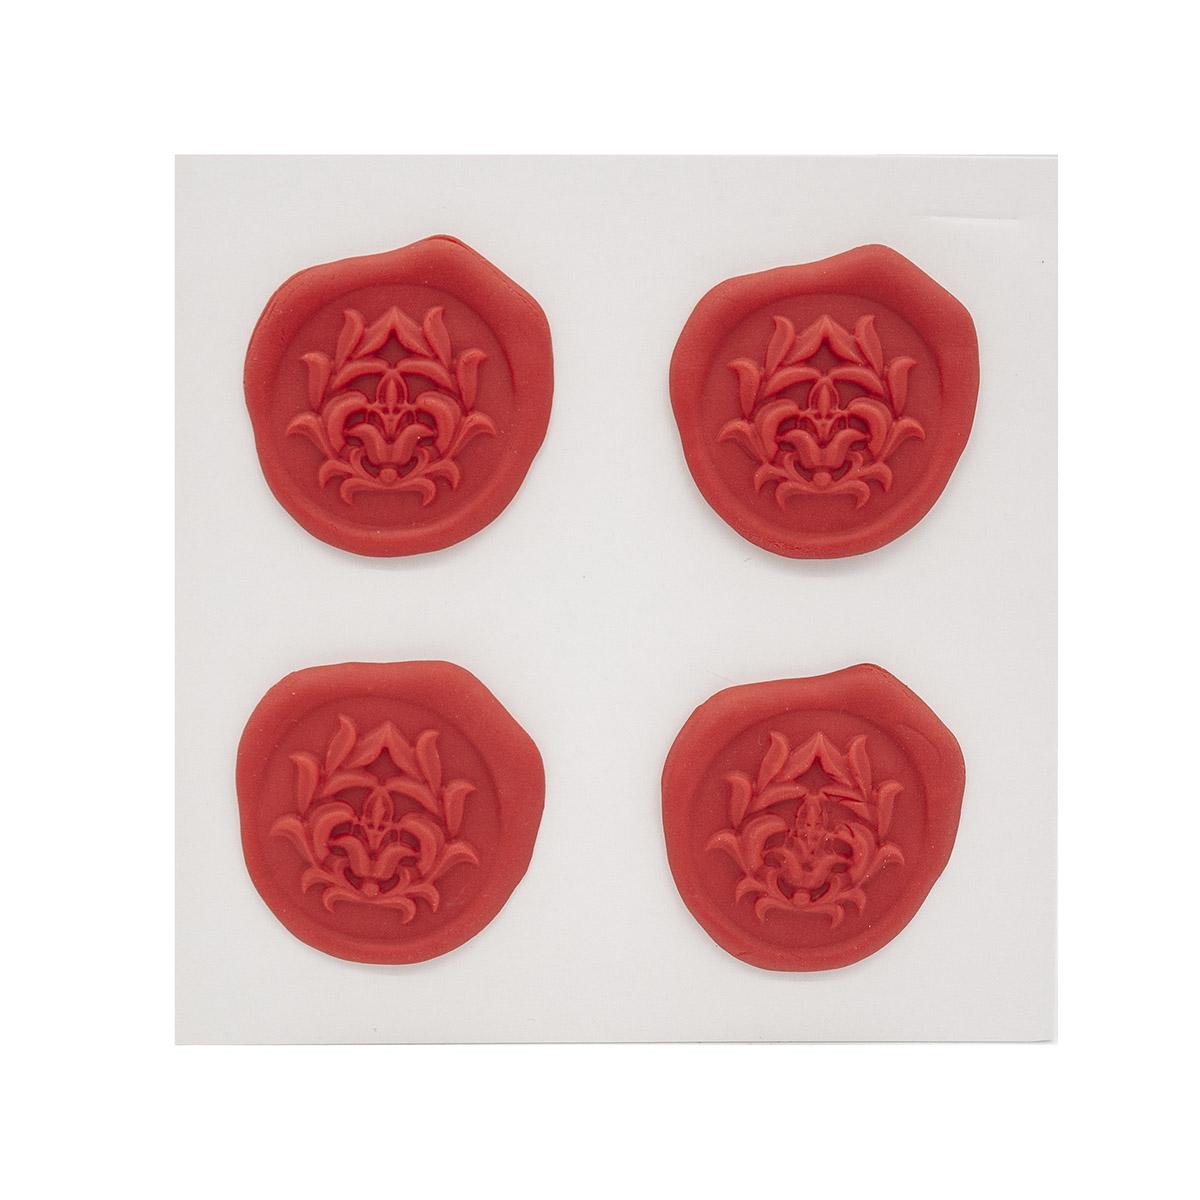 Оттиски печатей из полимерной глины 'Лотос' 30*35мм, 4шт/упак Астра